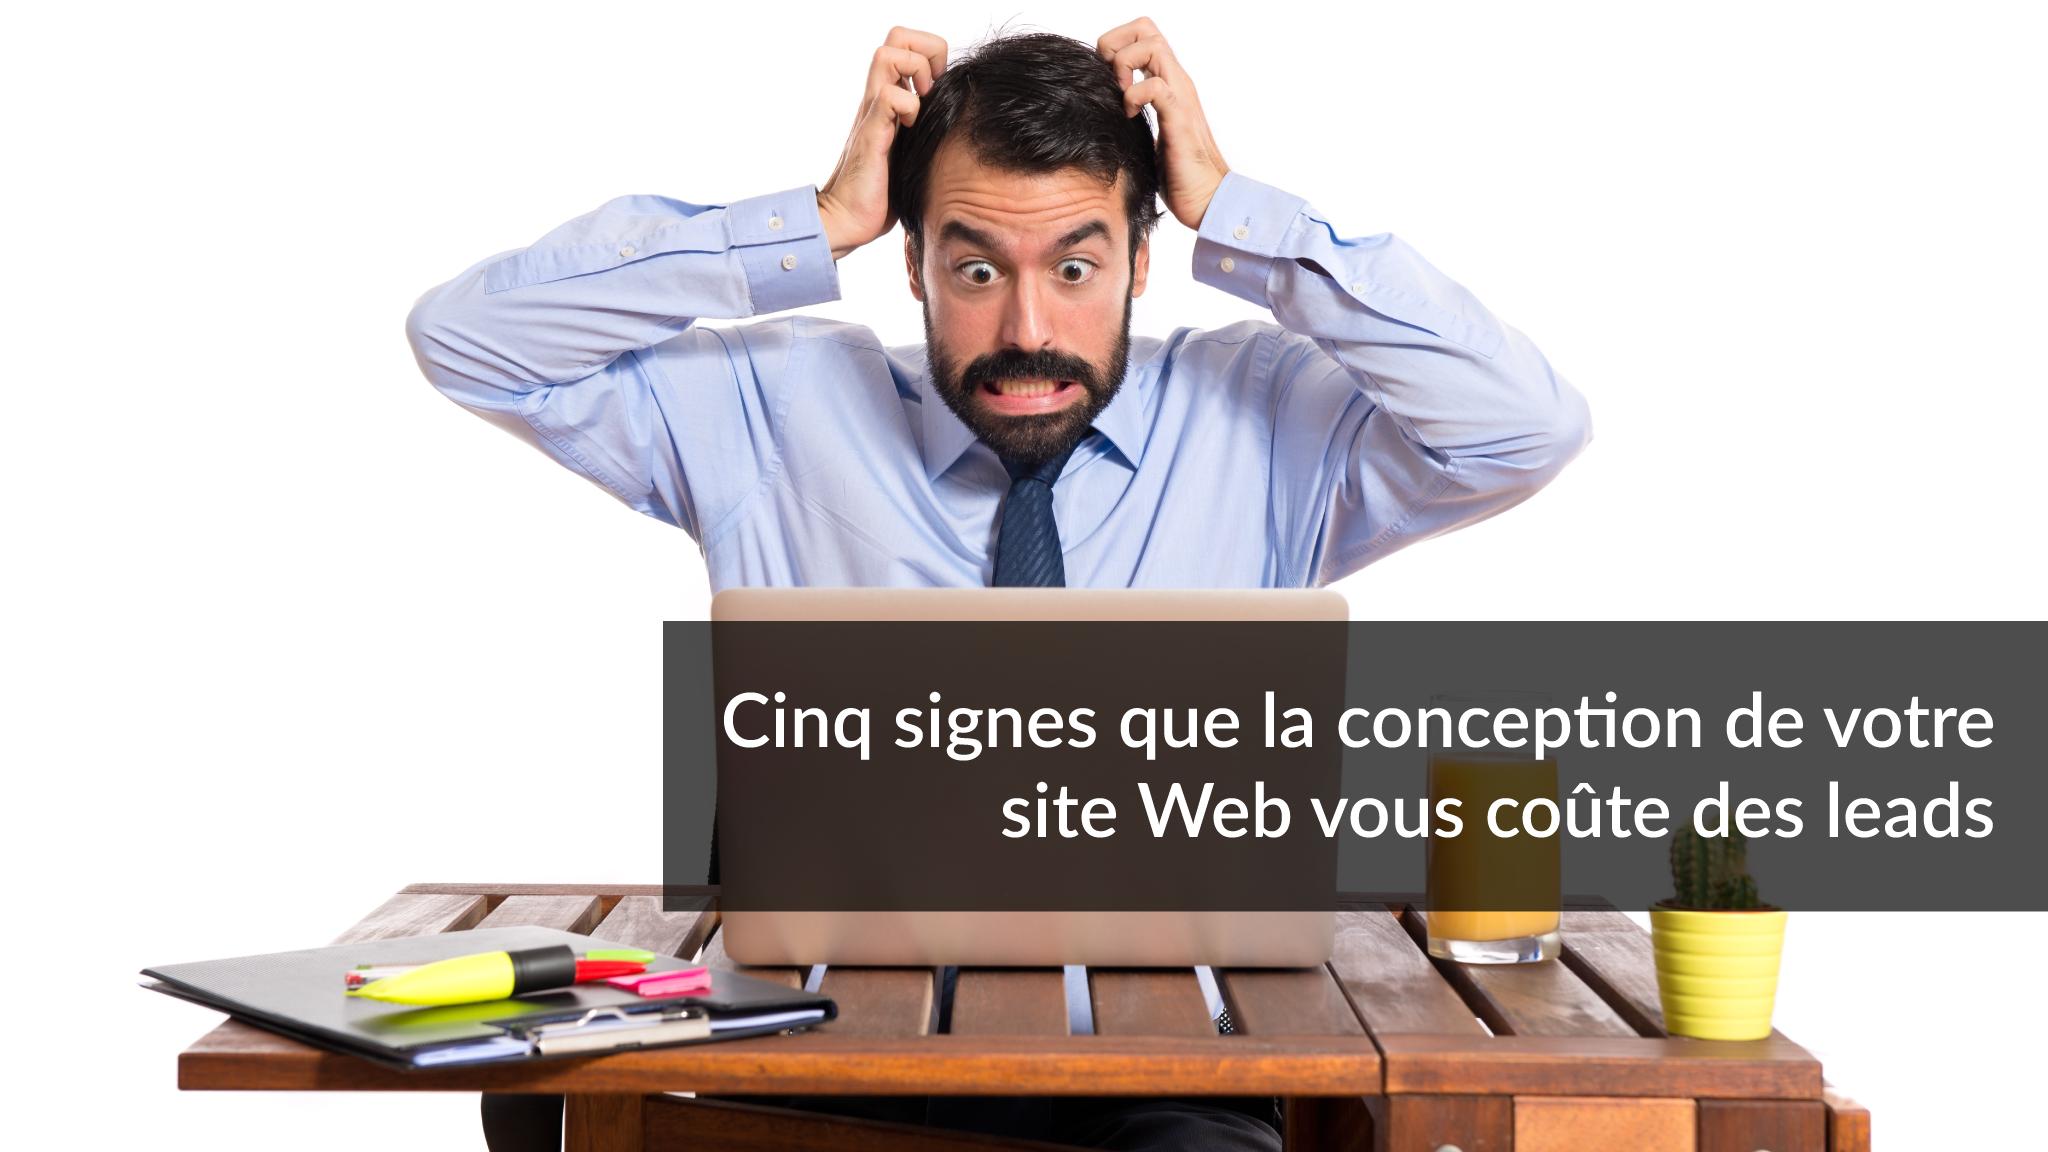 Cinq signes que la conception de votre site Web vous coûte des leads B2B | Studio Grafik